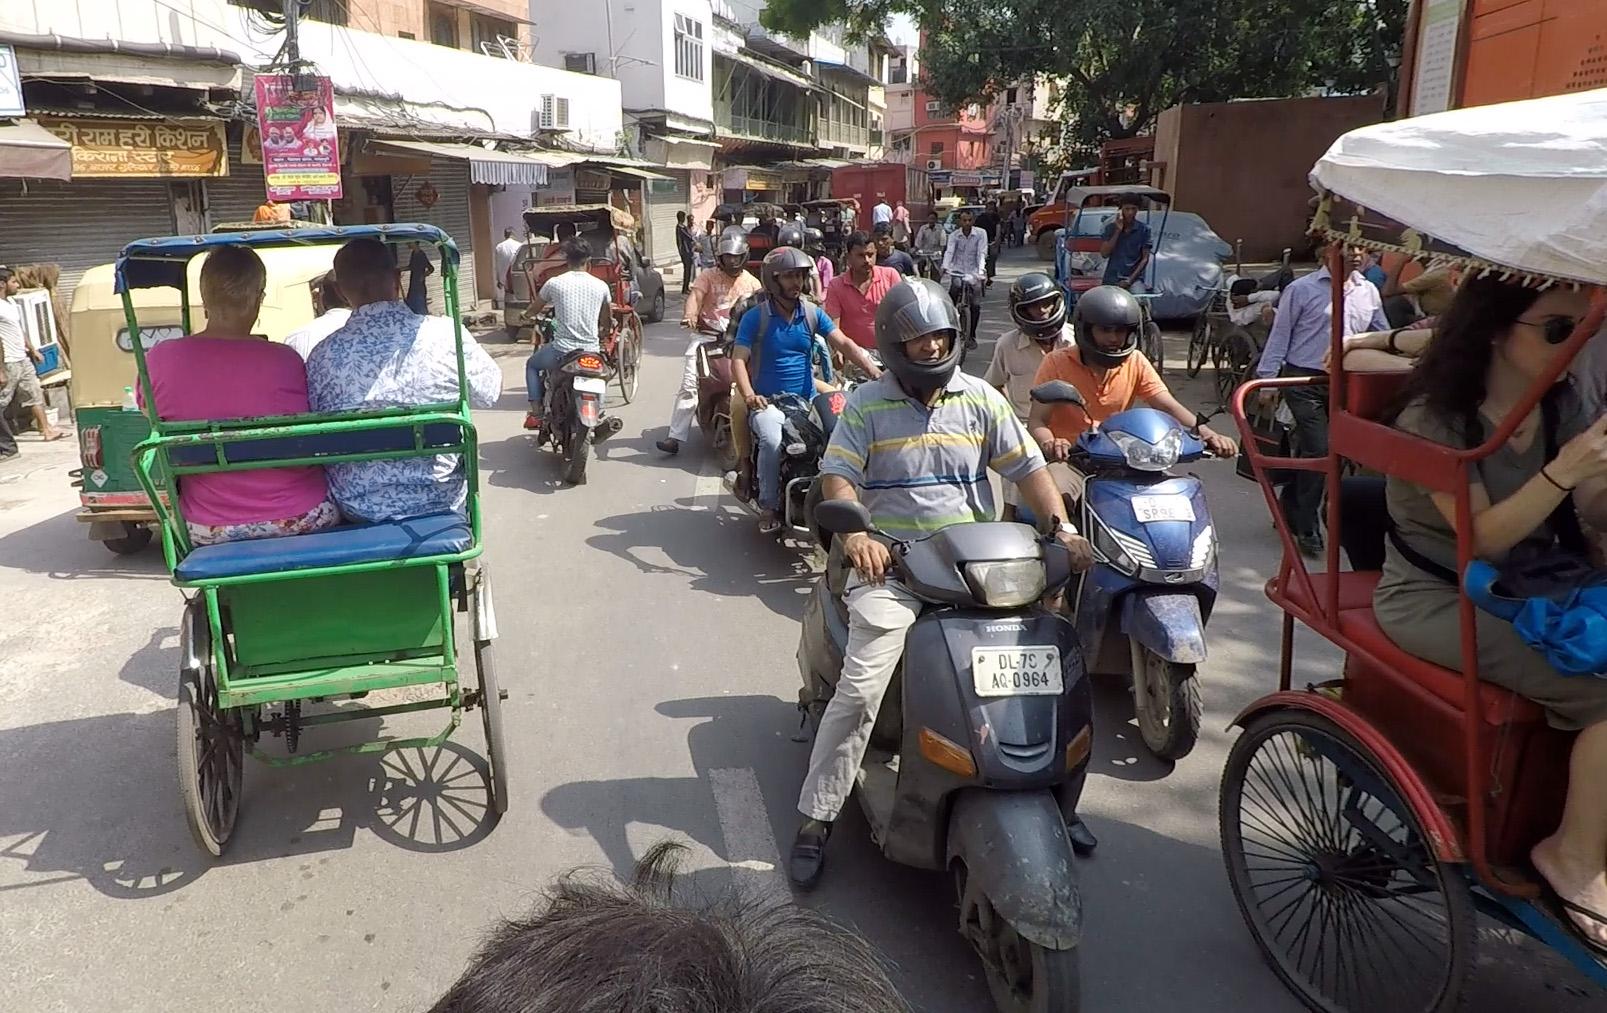 RIOT OF RICKSHAWS IN NEW DELHI